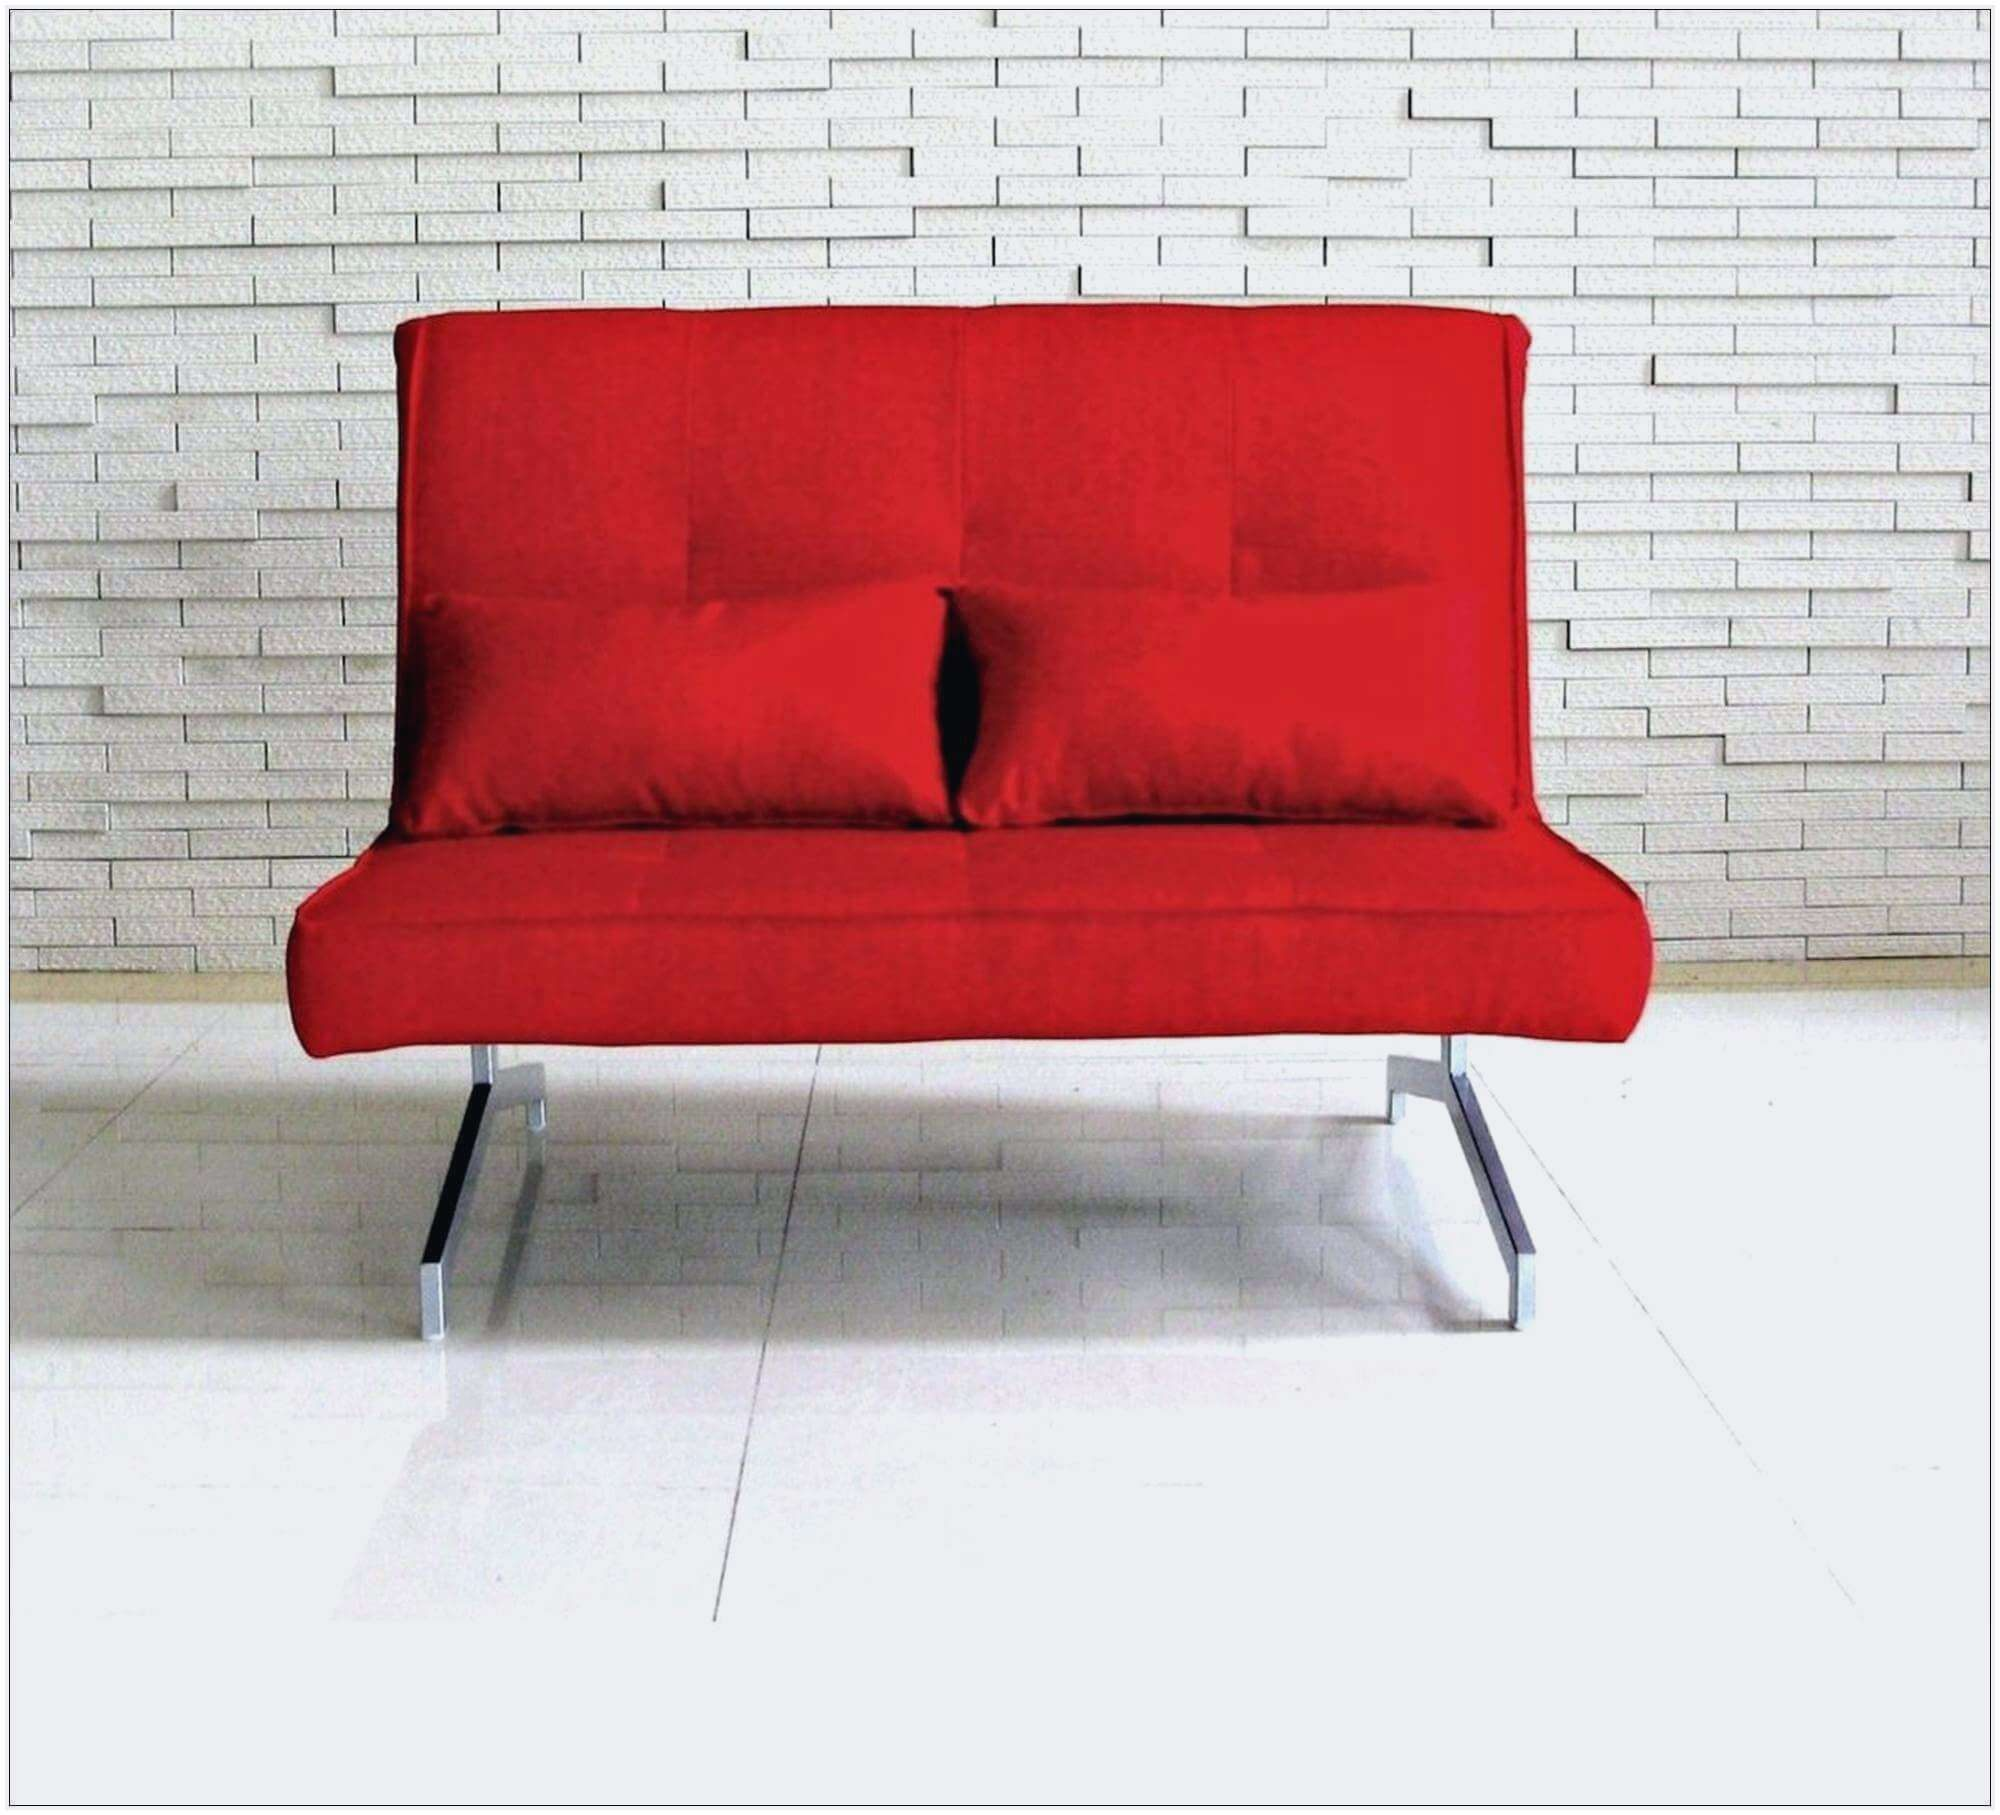 Lit Superposé 3 Places Pas Cher Inspirant Inspiré Canapé 3 Places Ikea Inspirant Canap D Angle Imitation Cuir